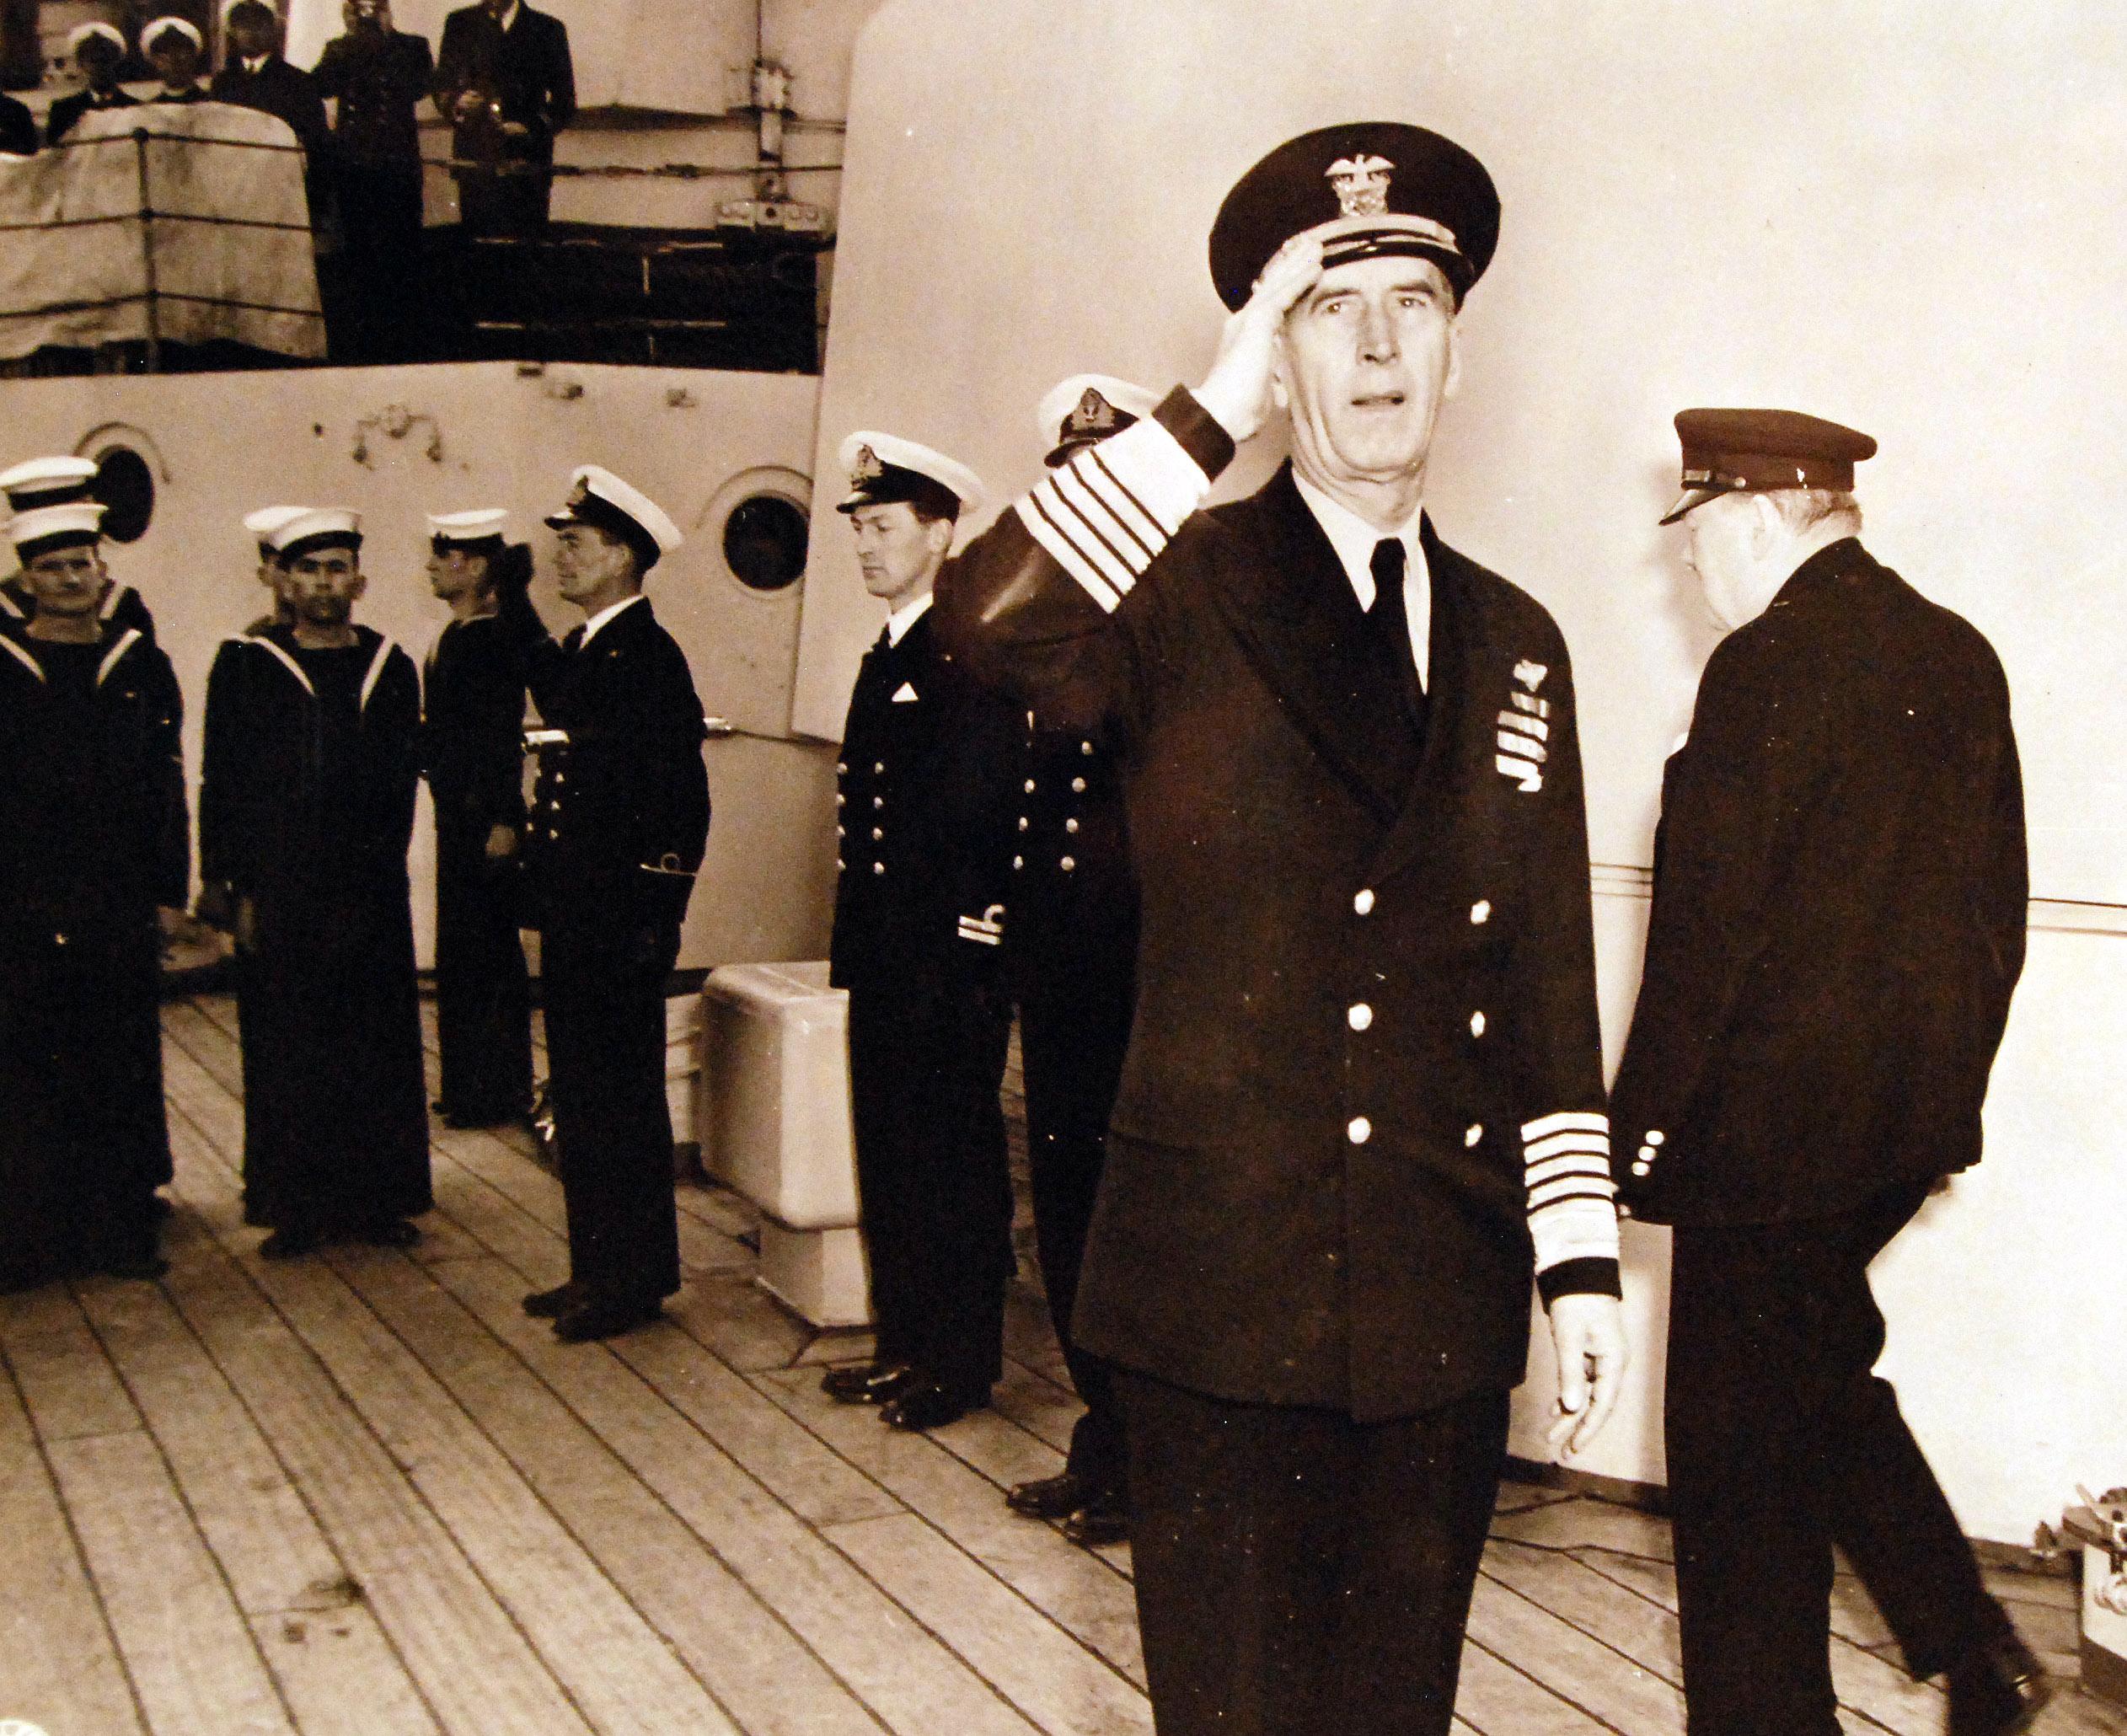 Адмирал флота Эрнест Дж. Кинг салютует во время визита премьер-министра Уинстона С. Черчилля